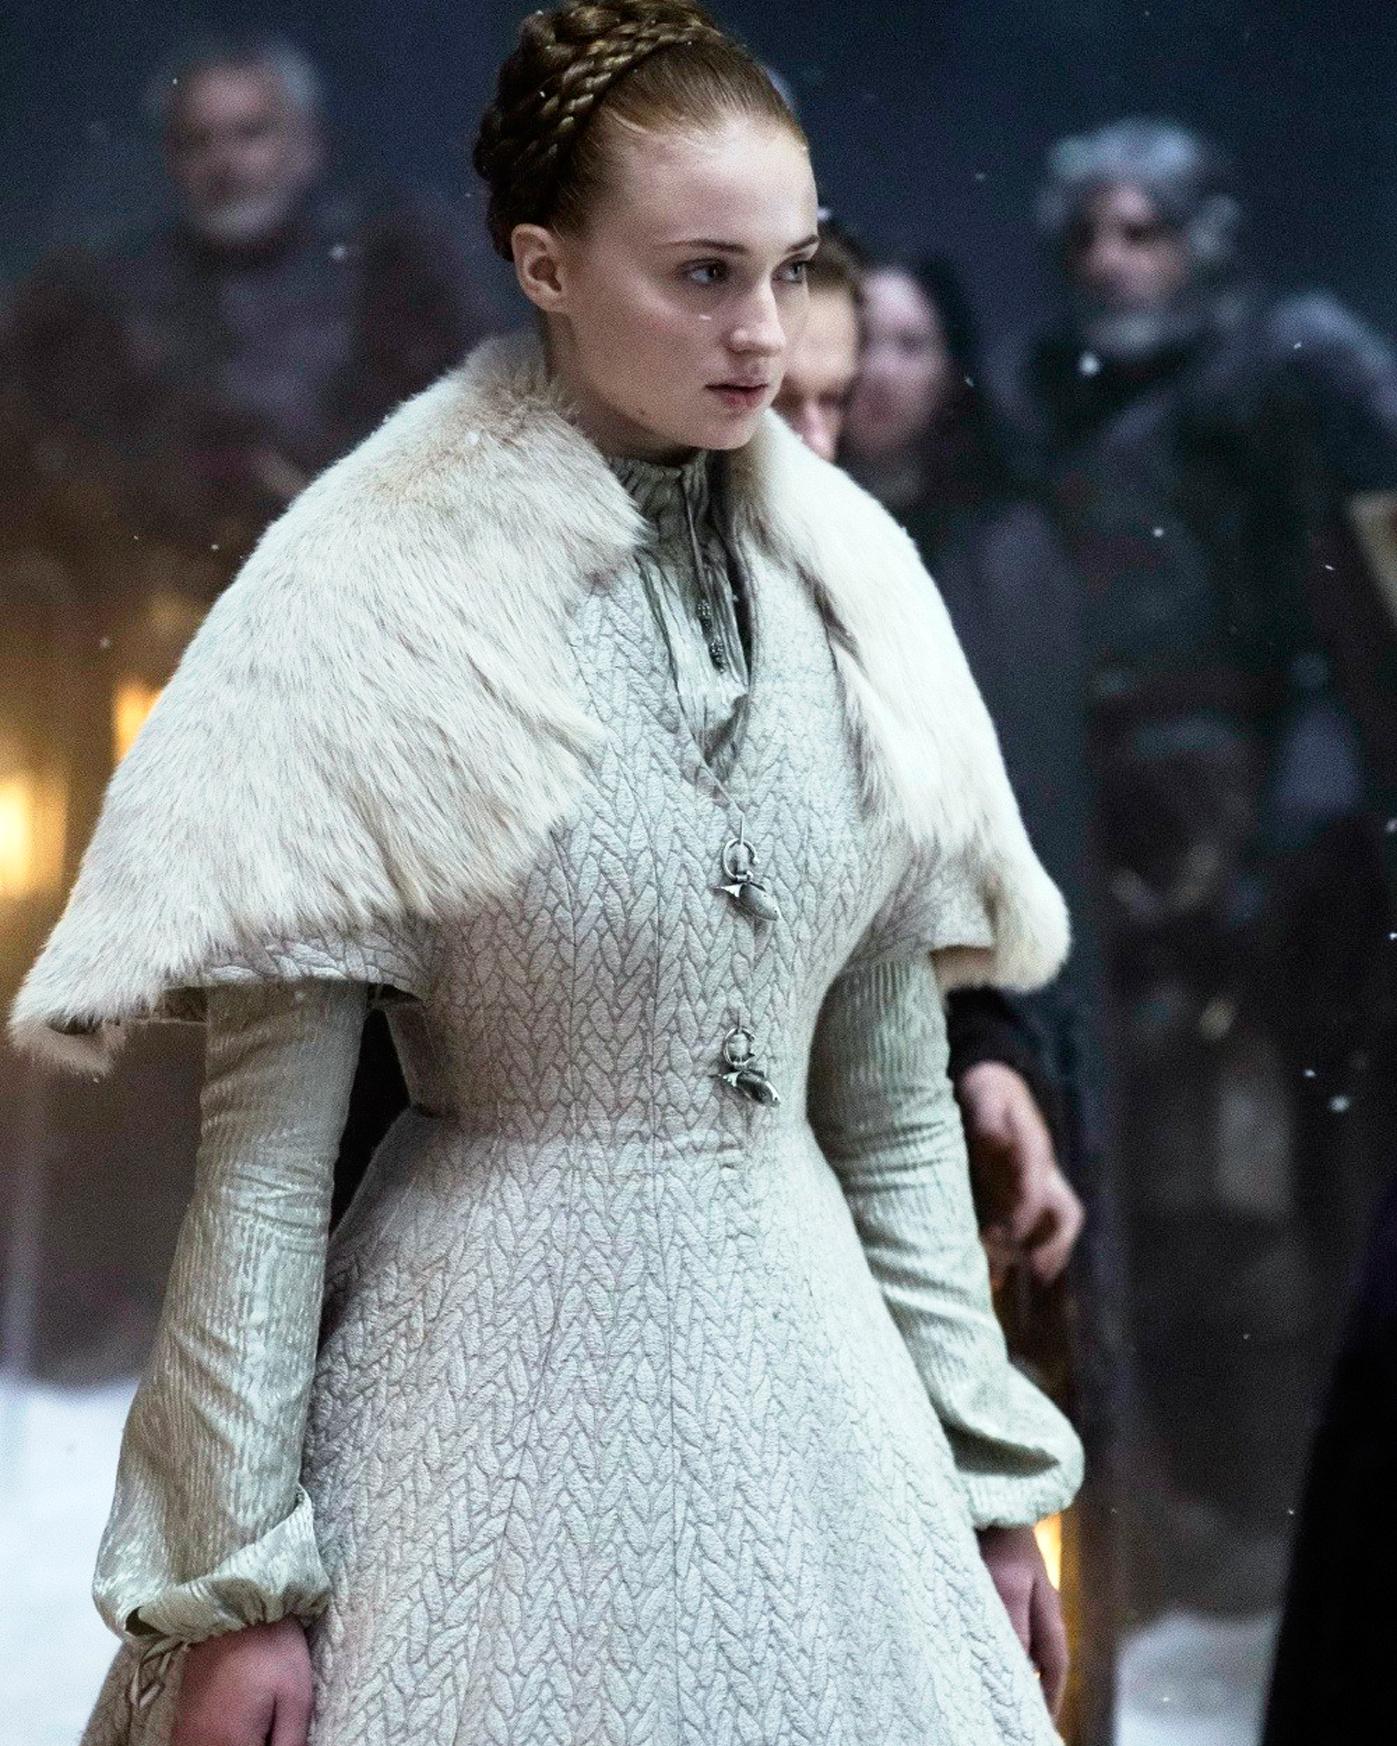 tv-wedding-dresses-game-of-thrones-sansa-stark-1115.jpg